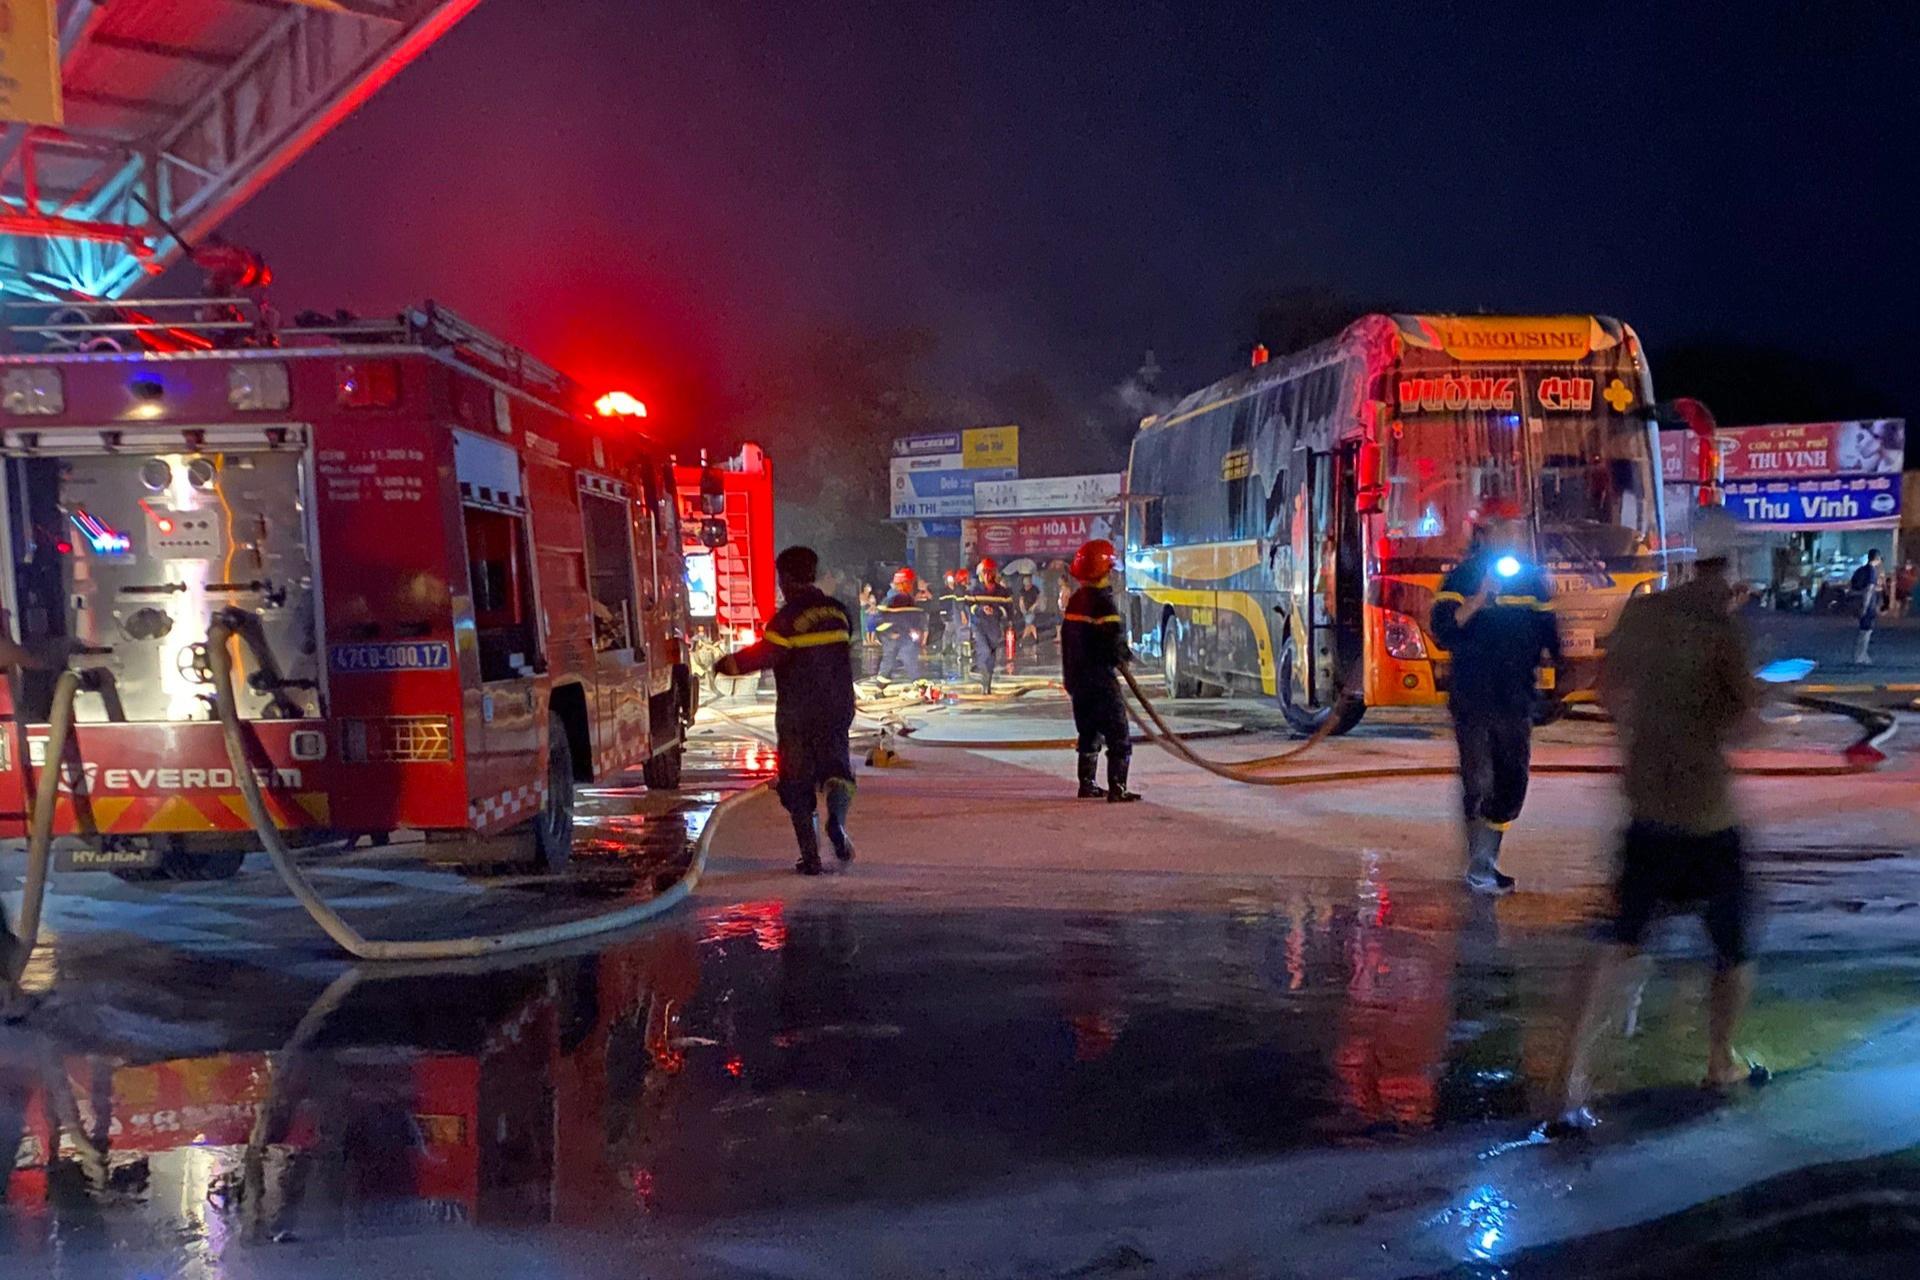 4 chiếc xe khách giường nằm bị cháy nghi ngút ngay trong bến - 3